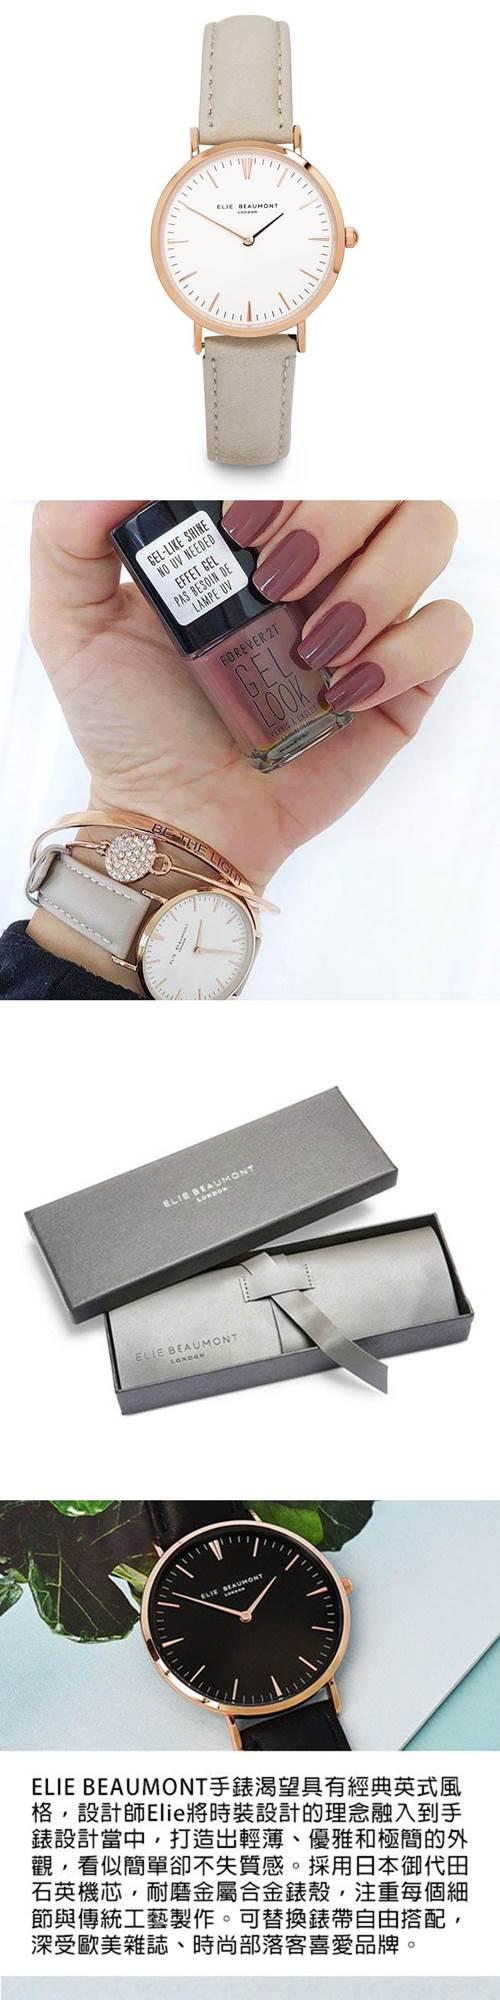 (複製)Elie Beaumont 英國時尚手錶 牛津系列 白錶盤x嫩粉皮革錶帶x玫瑰金錶框33mm